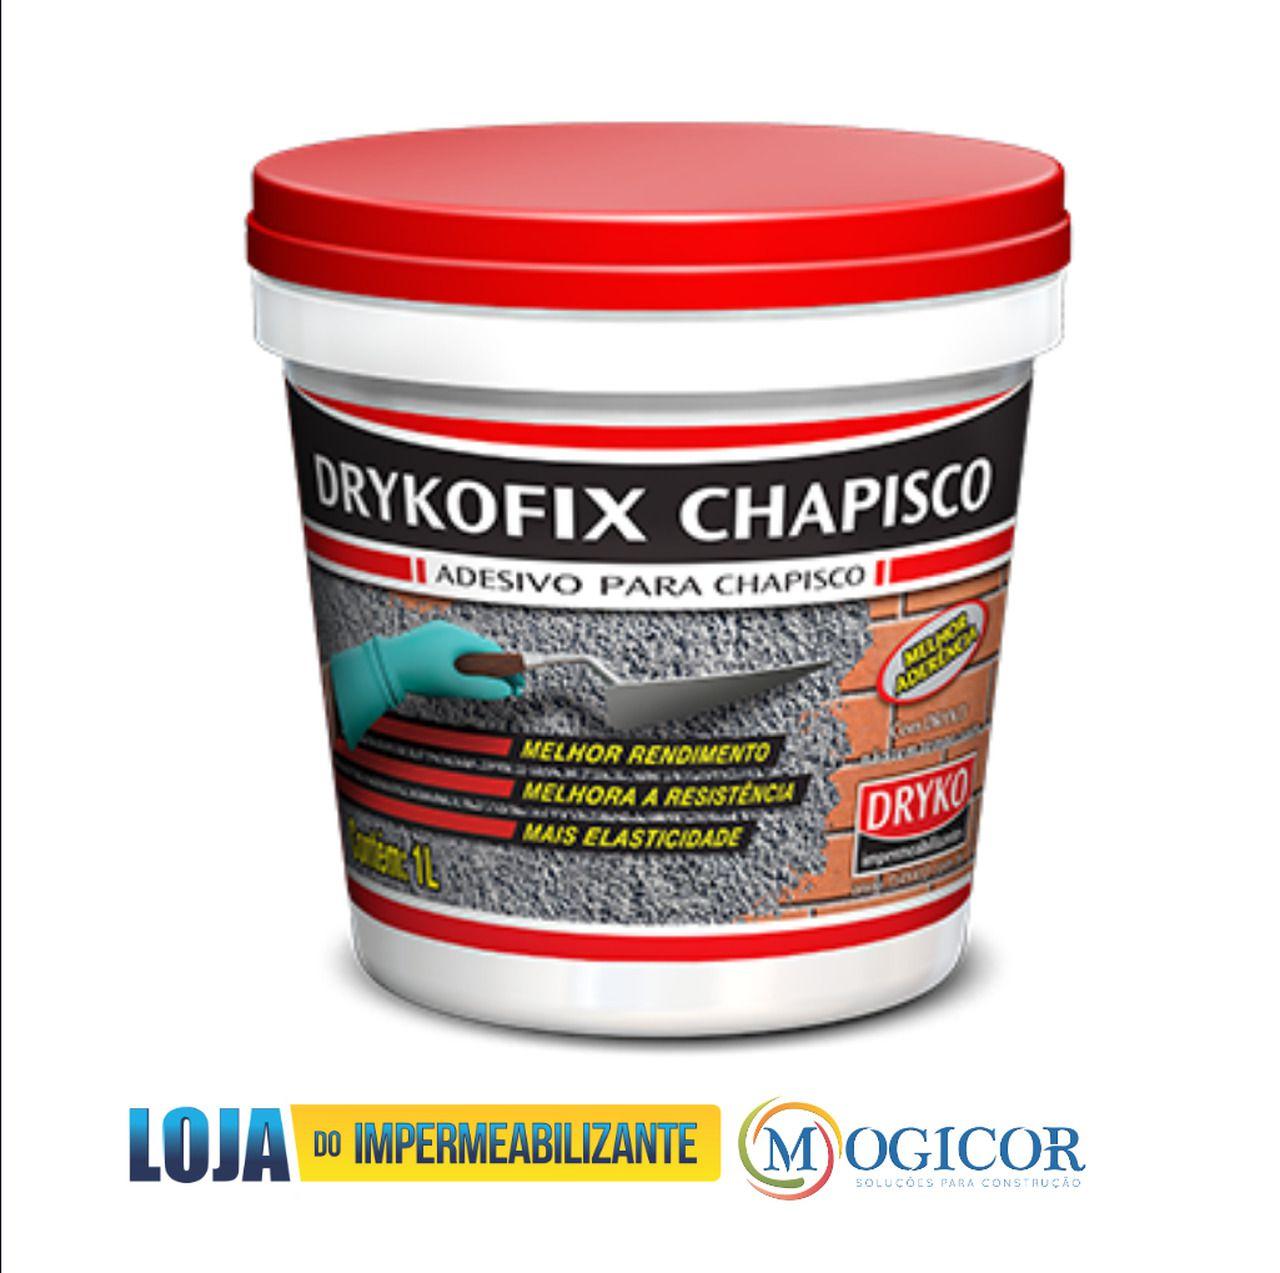 DRYKOFIX CHAPISCO 1L